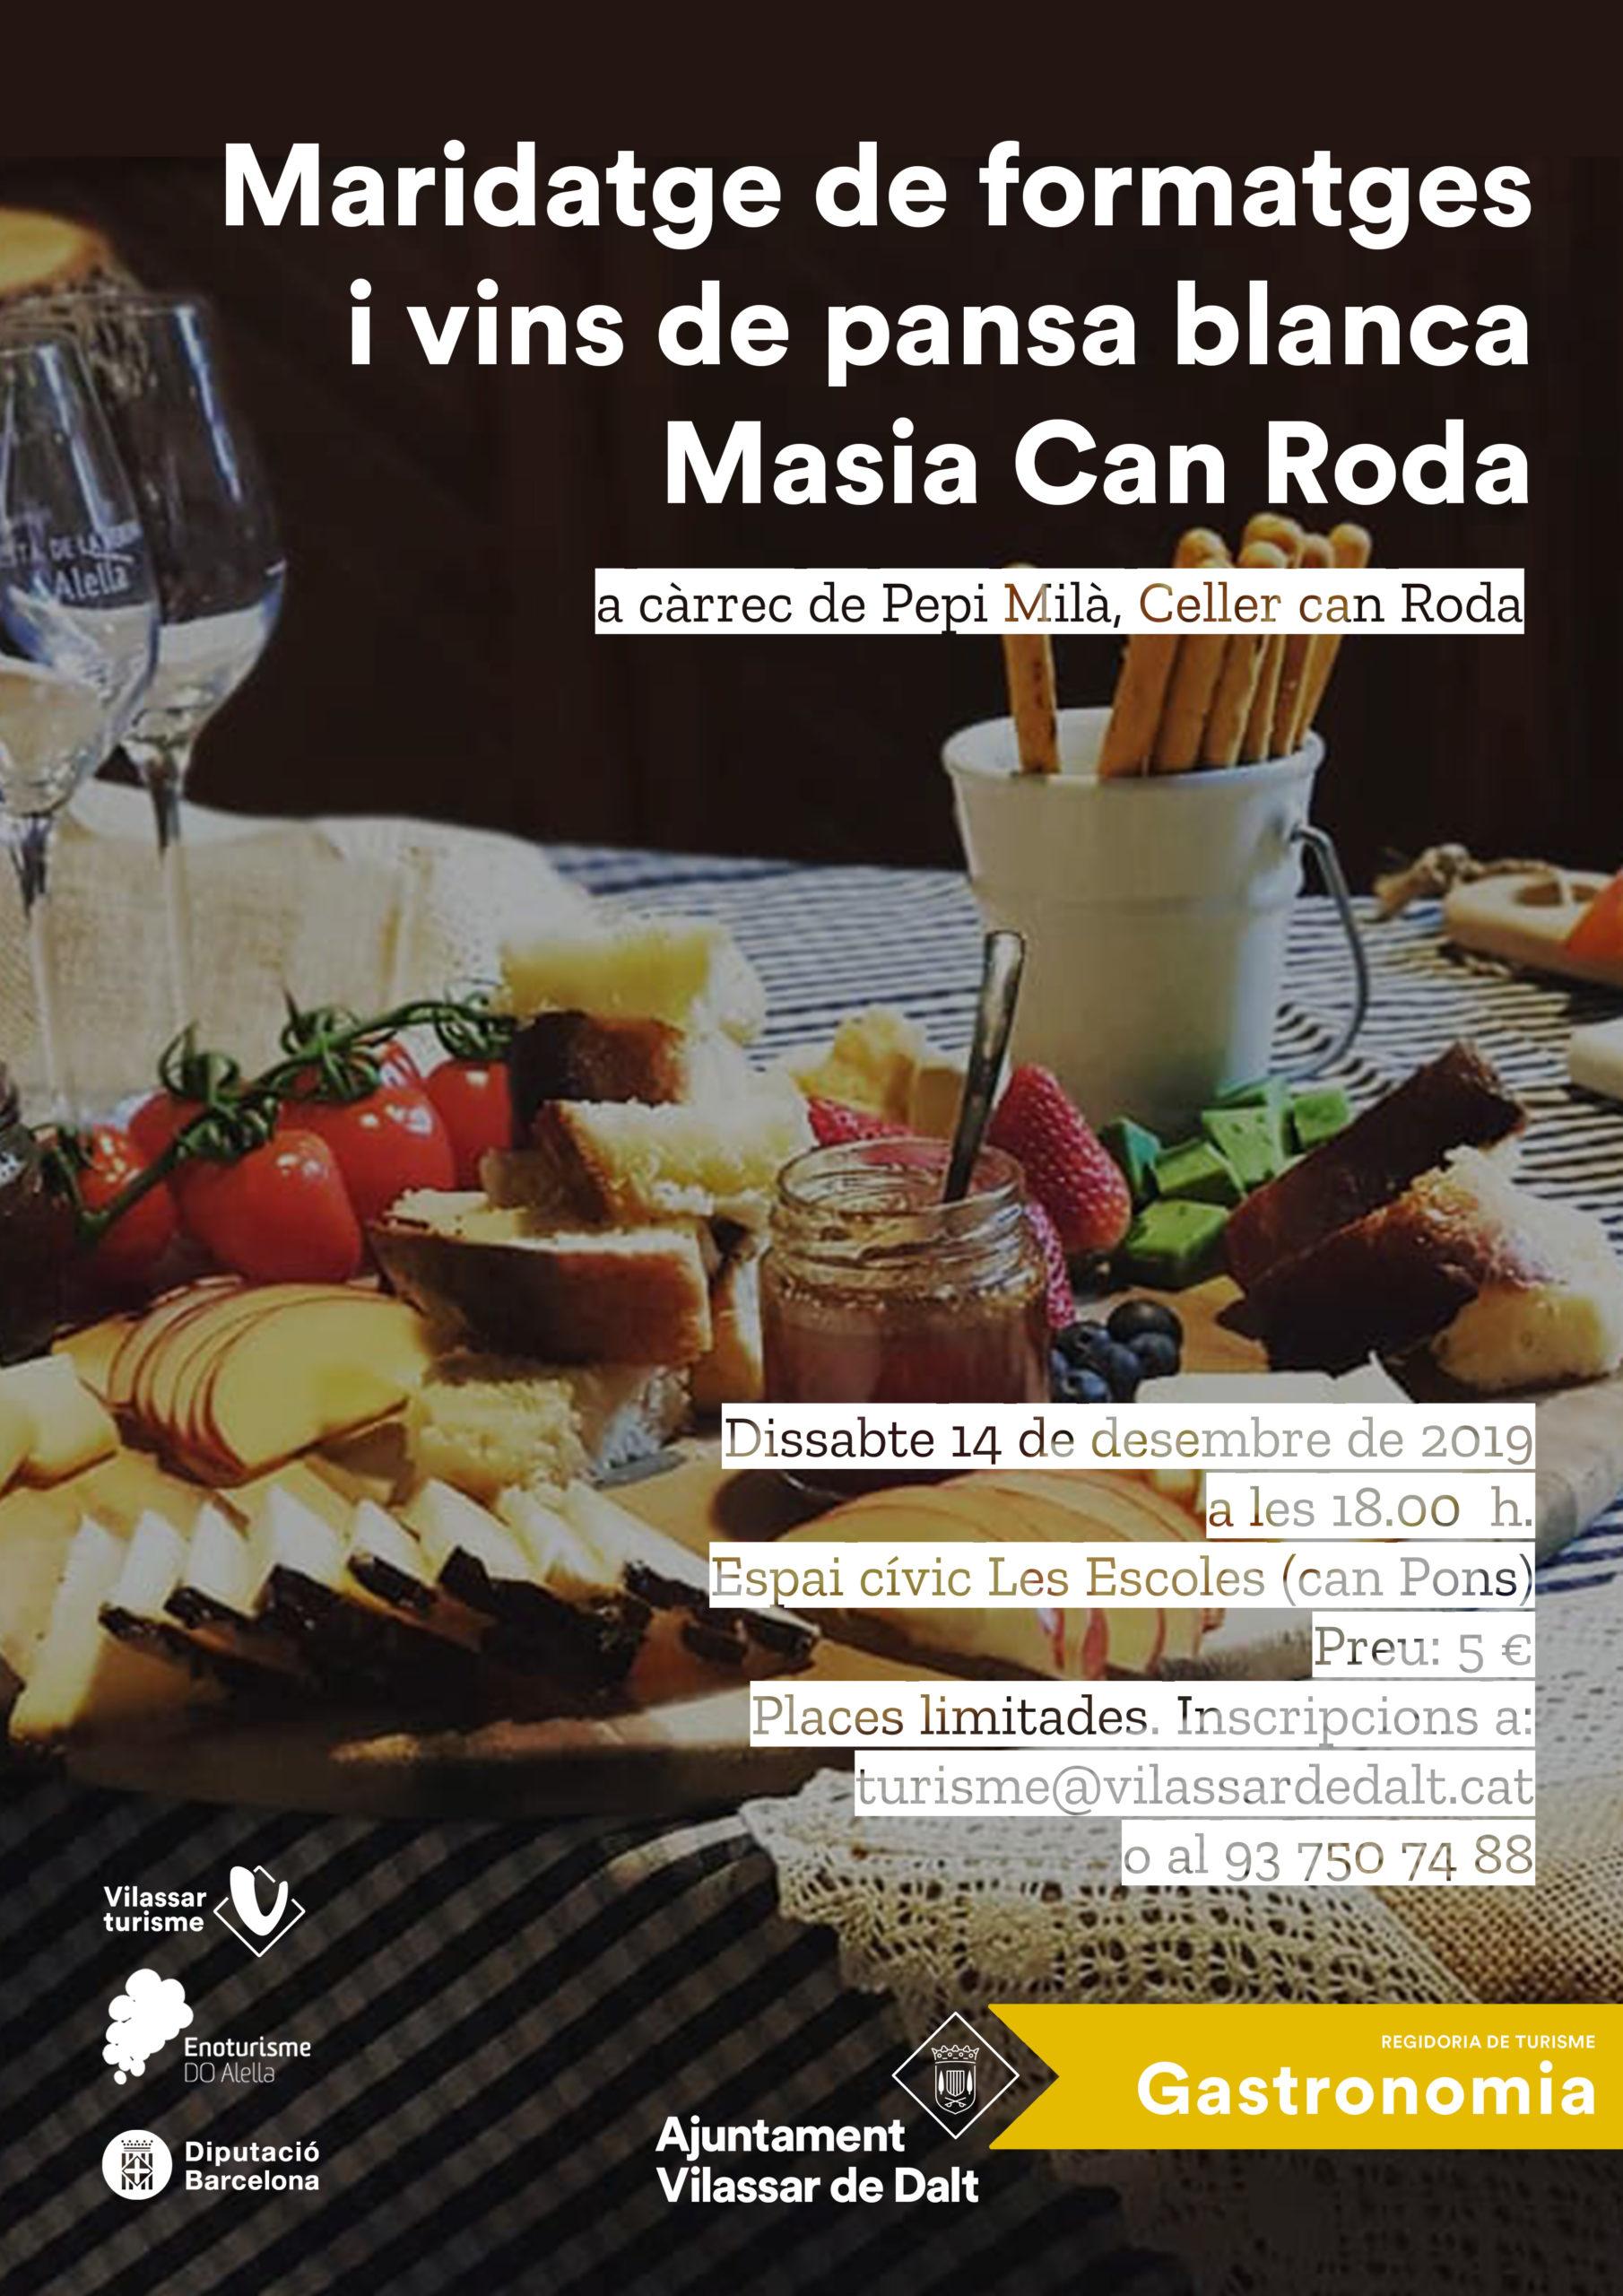 Maridatges de vins i formatges - Can Roda